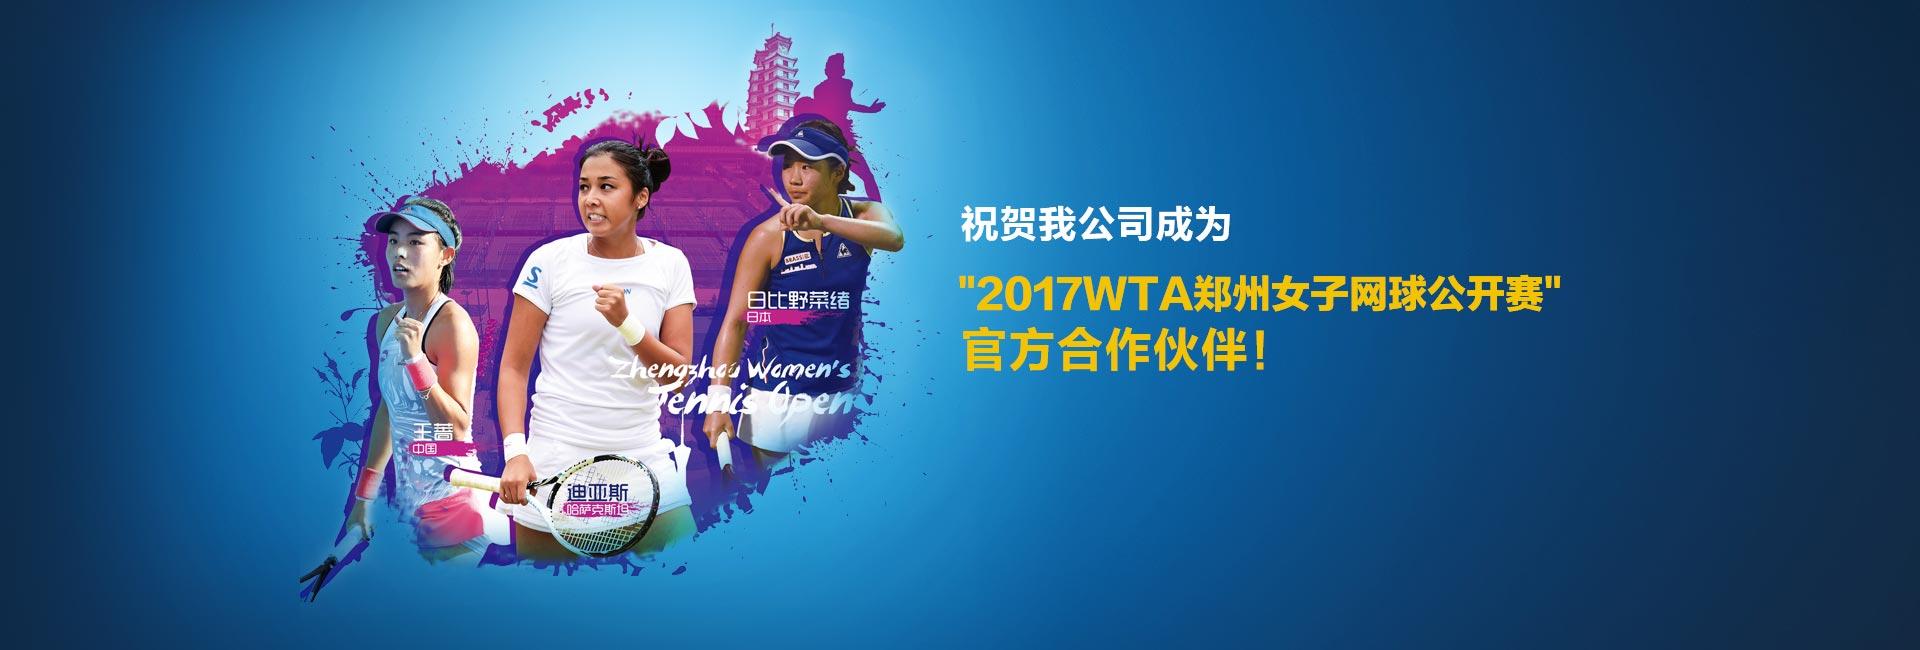 热烈祝贺我公司成为2017WTA郑州国际女子职业网球公开赛官方合作伙伴